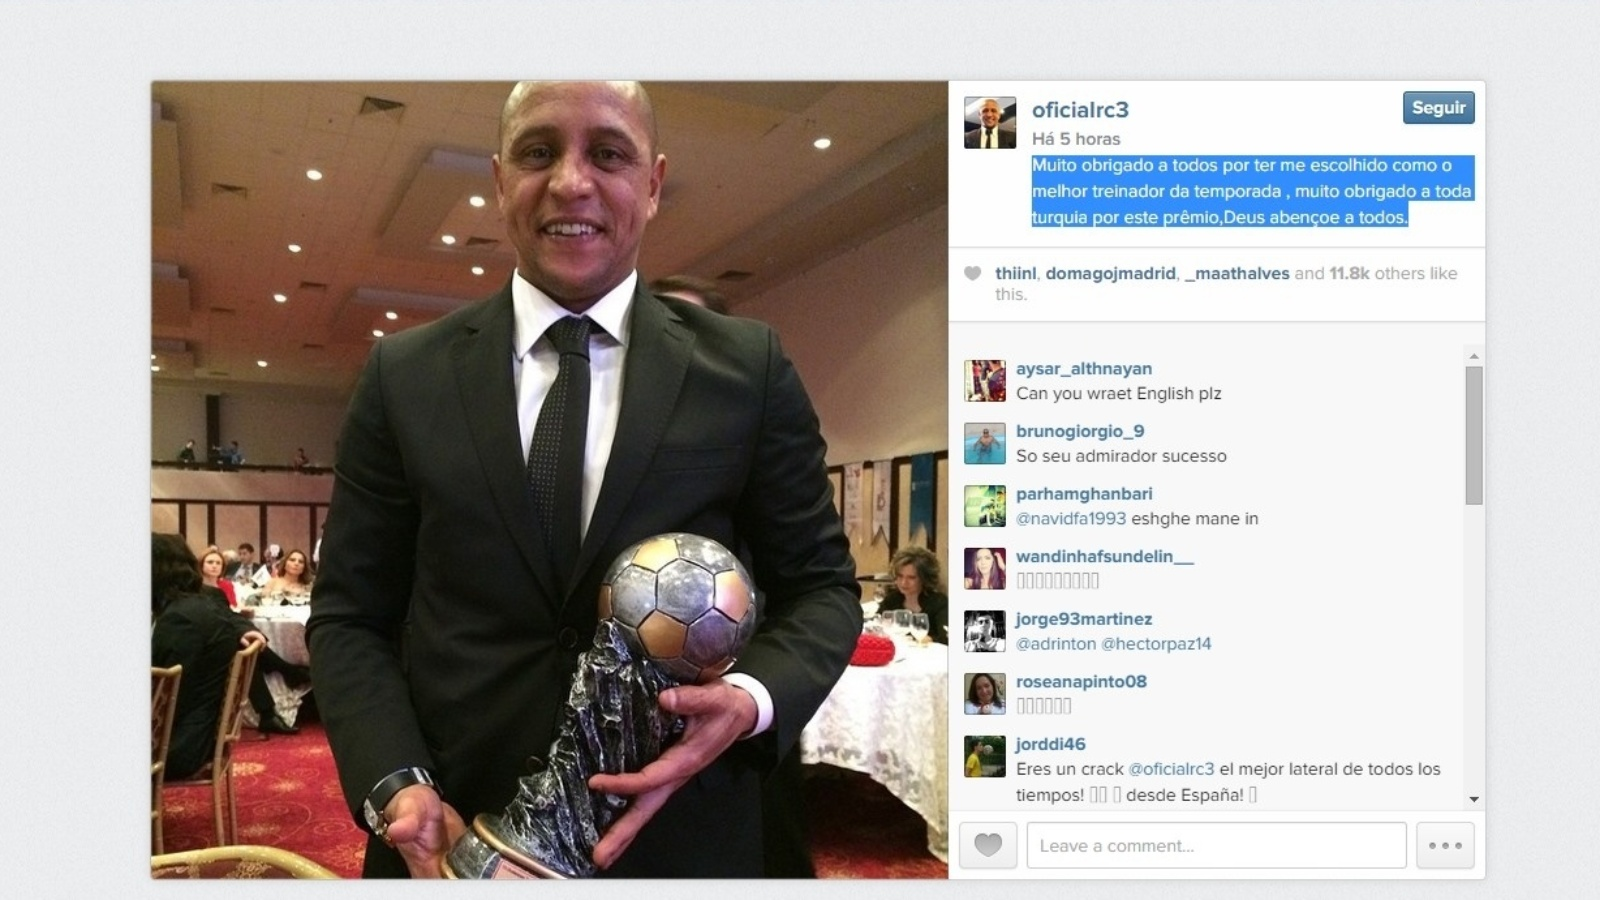 Roberto exibe troféu que ganhou como melhor técnico do ano na Turquia